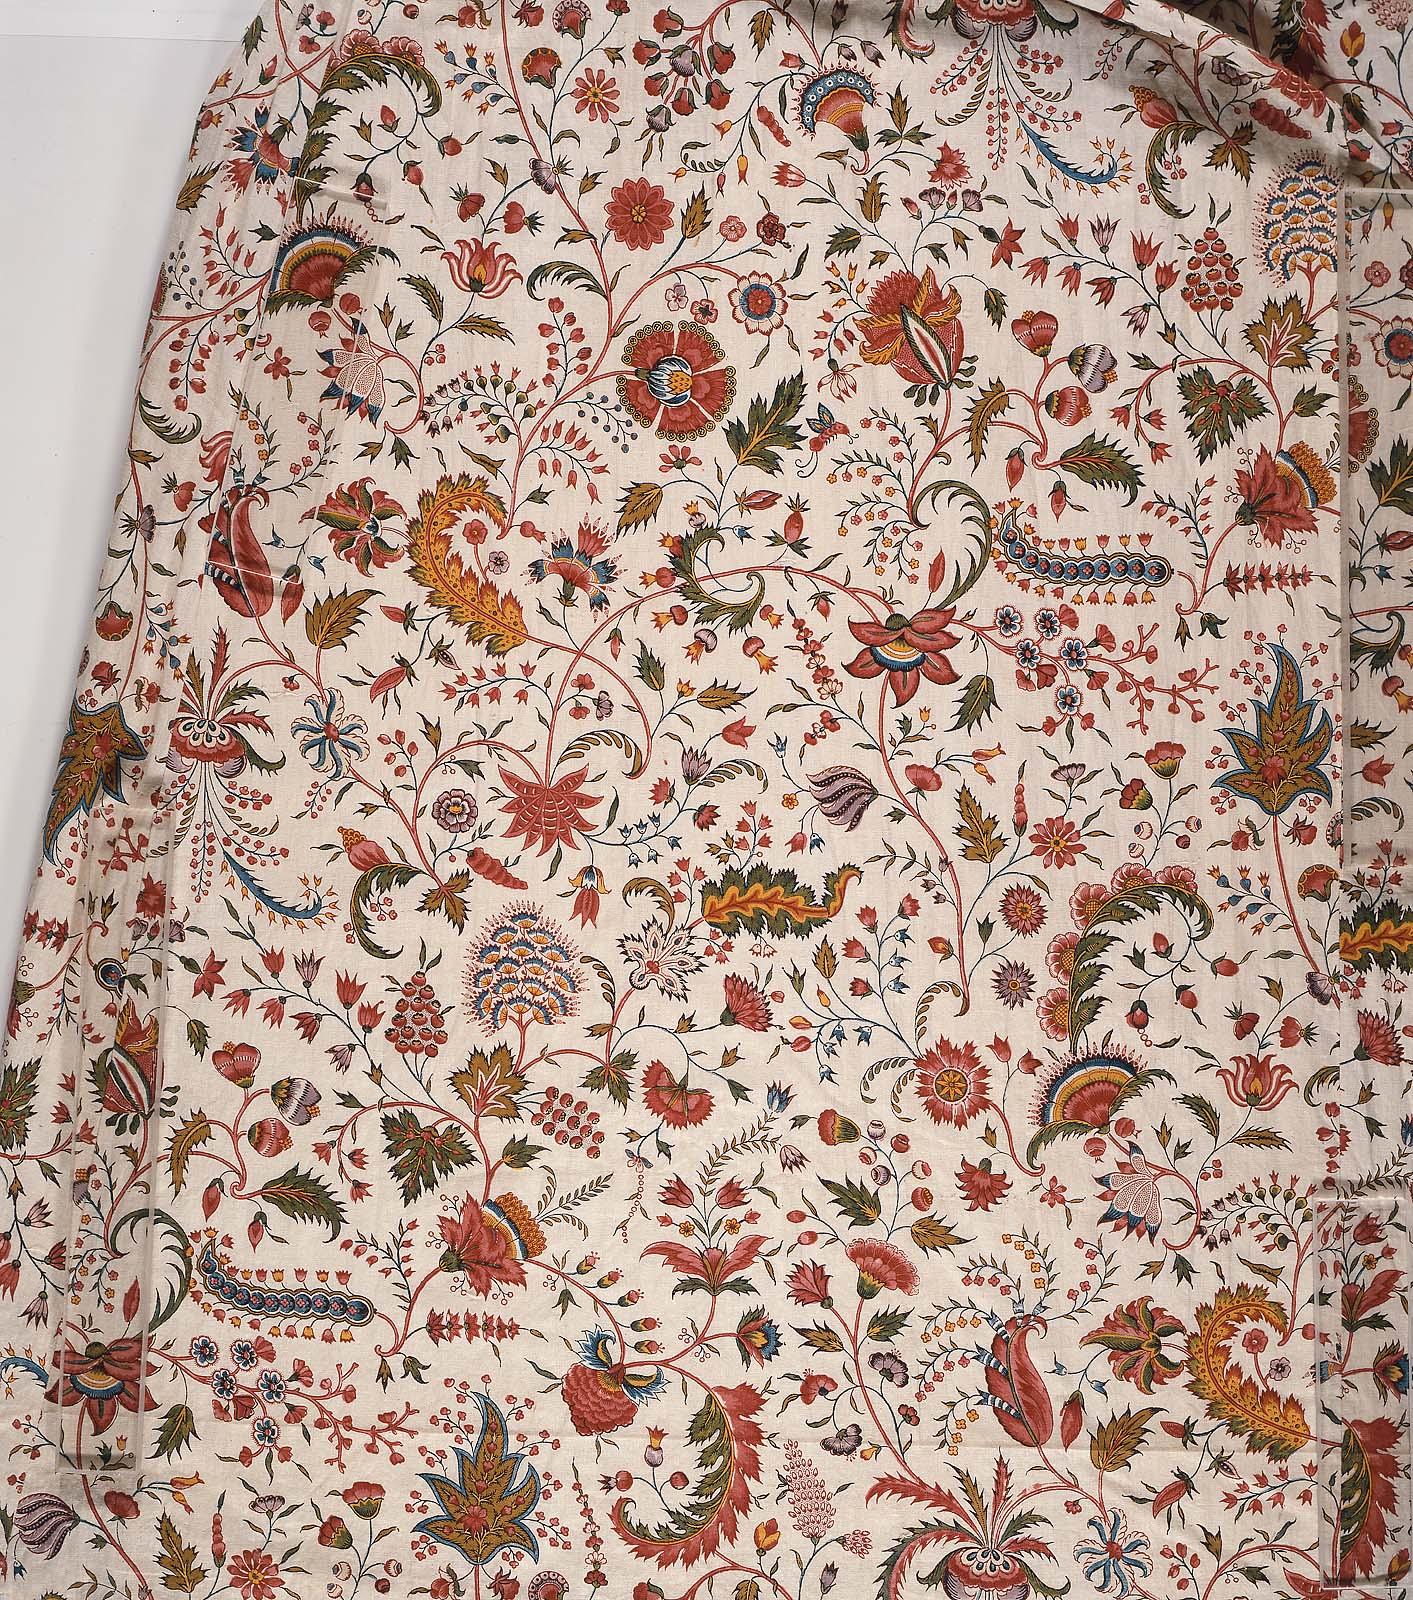 Robe A La Polonaise: Museum Of Fine Arts, Boston